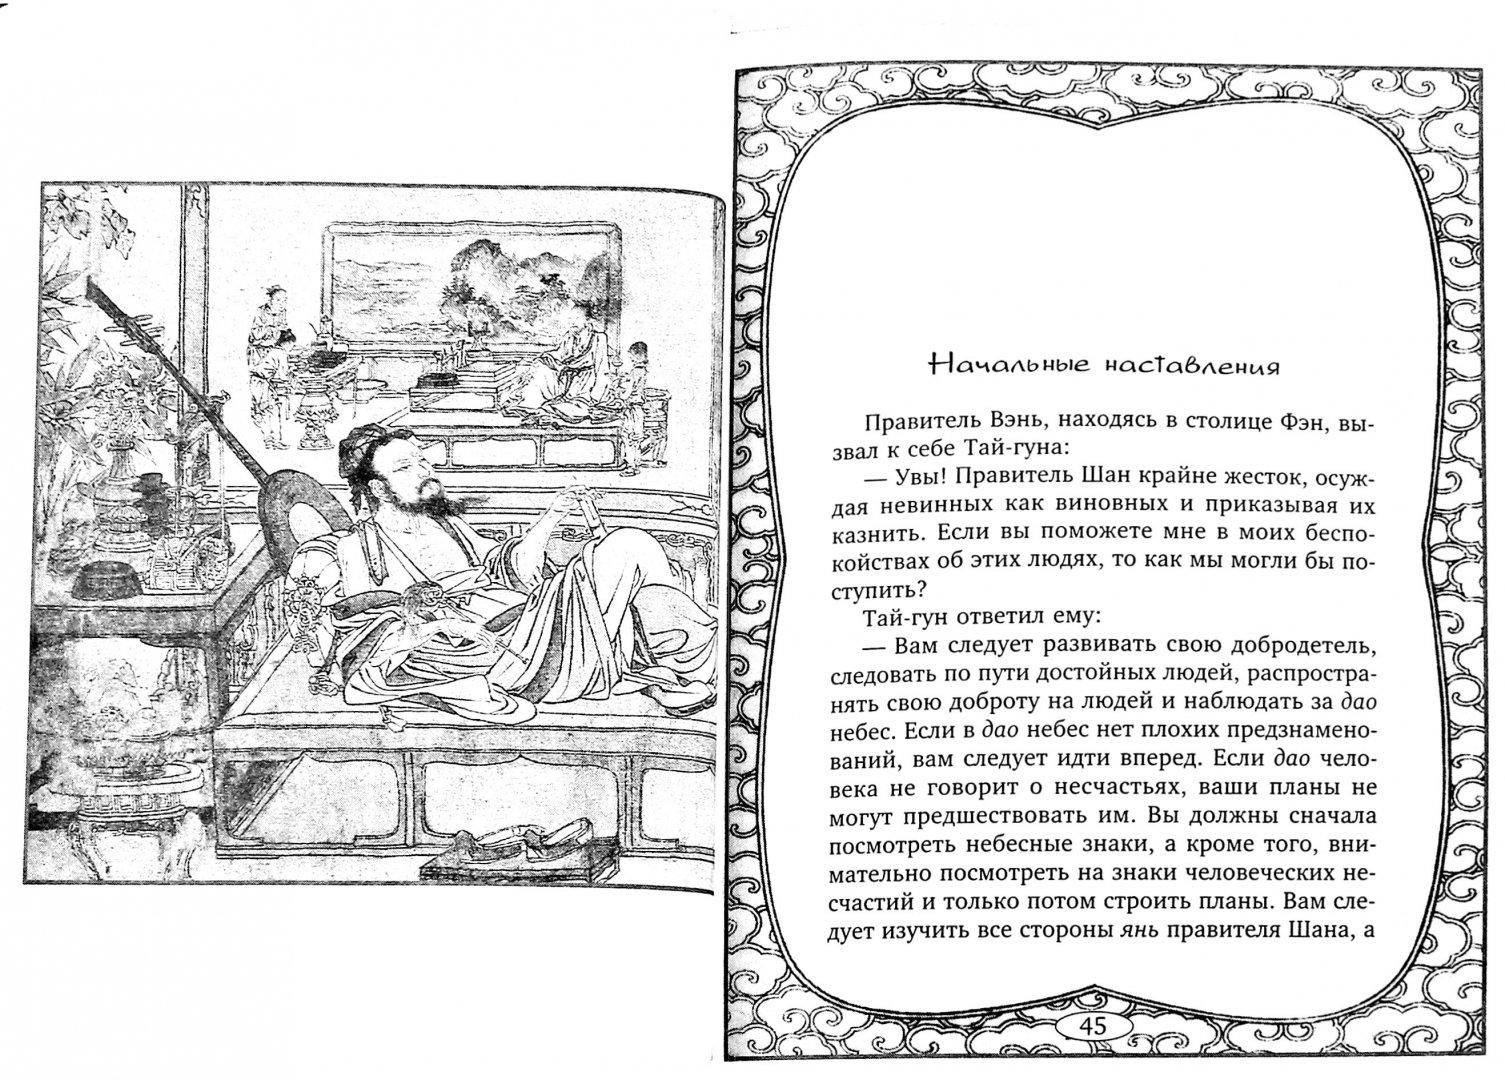 Иллюстрация 1 из 7 для Шесть секретных учений - Тай-Гун | Лабиринт - книги. Источник: Лабиринт